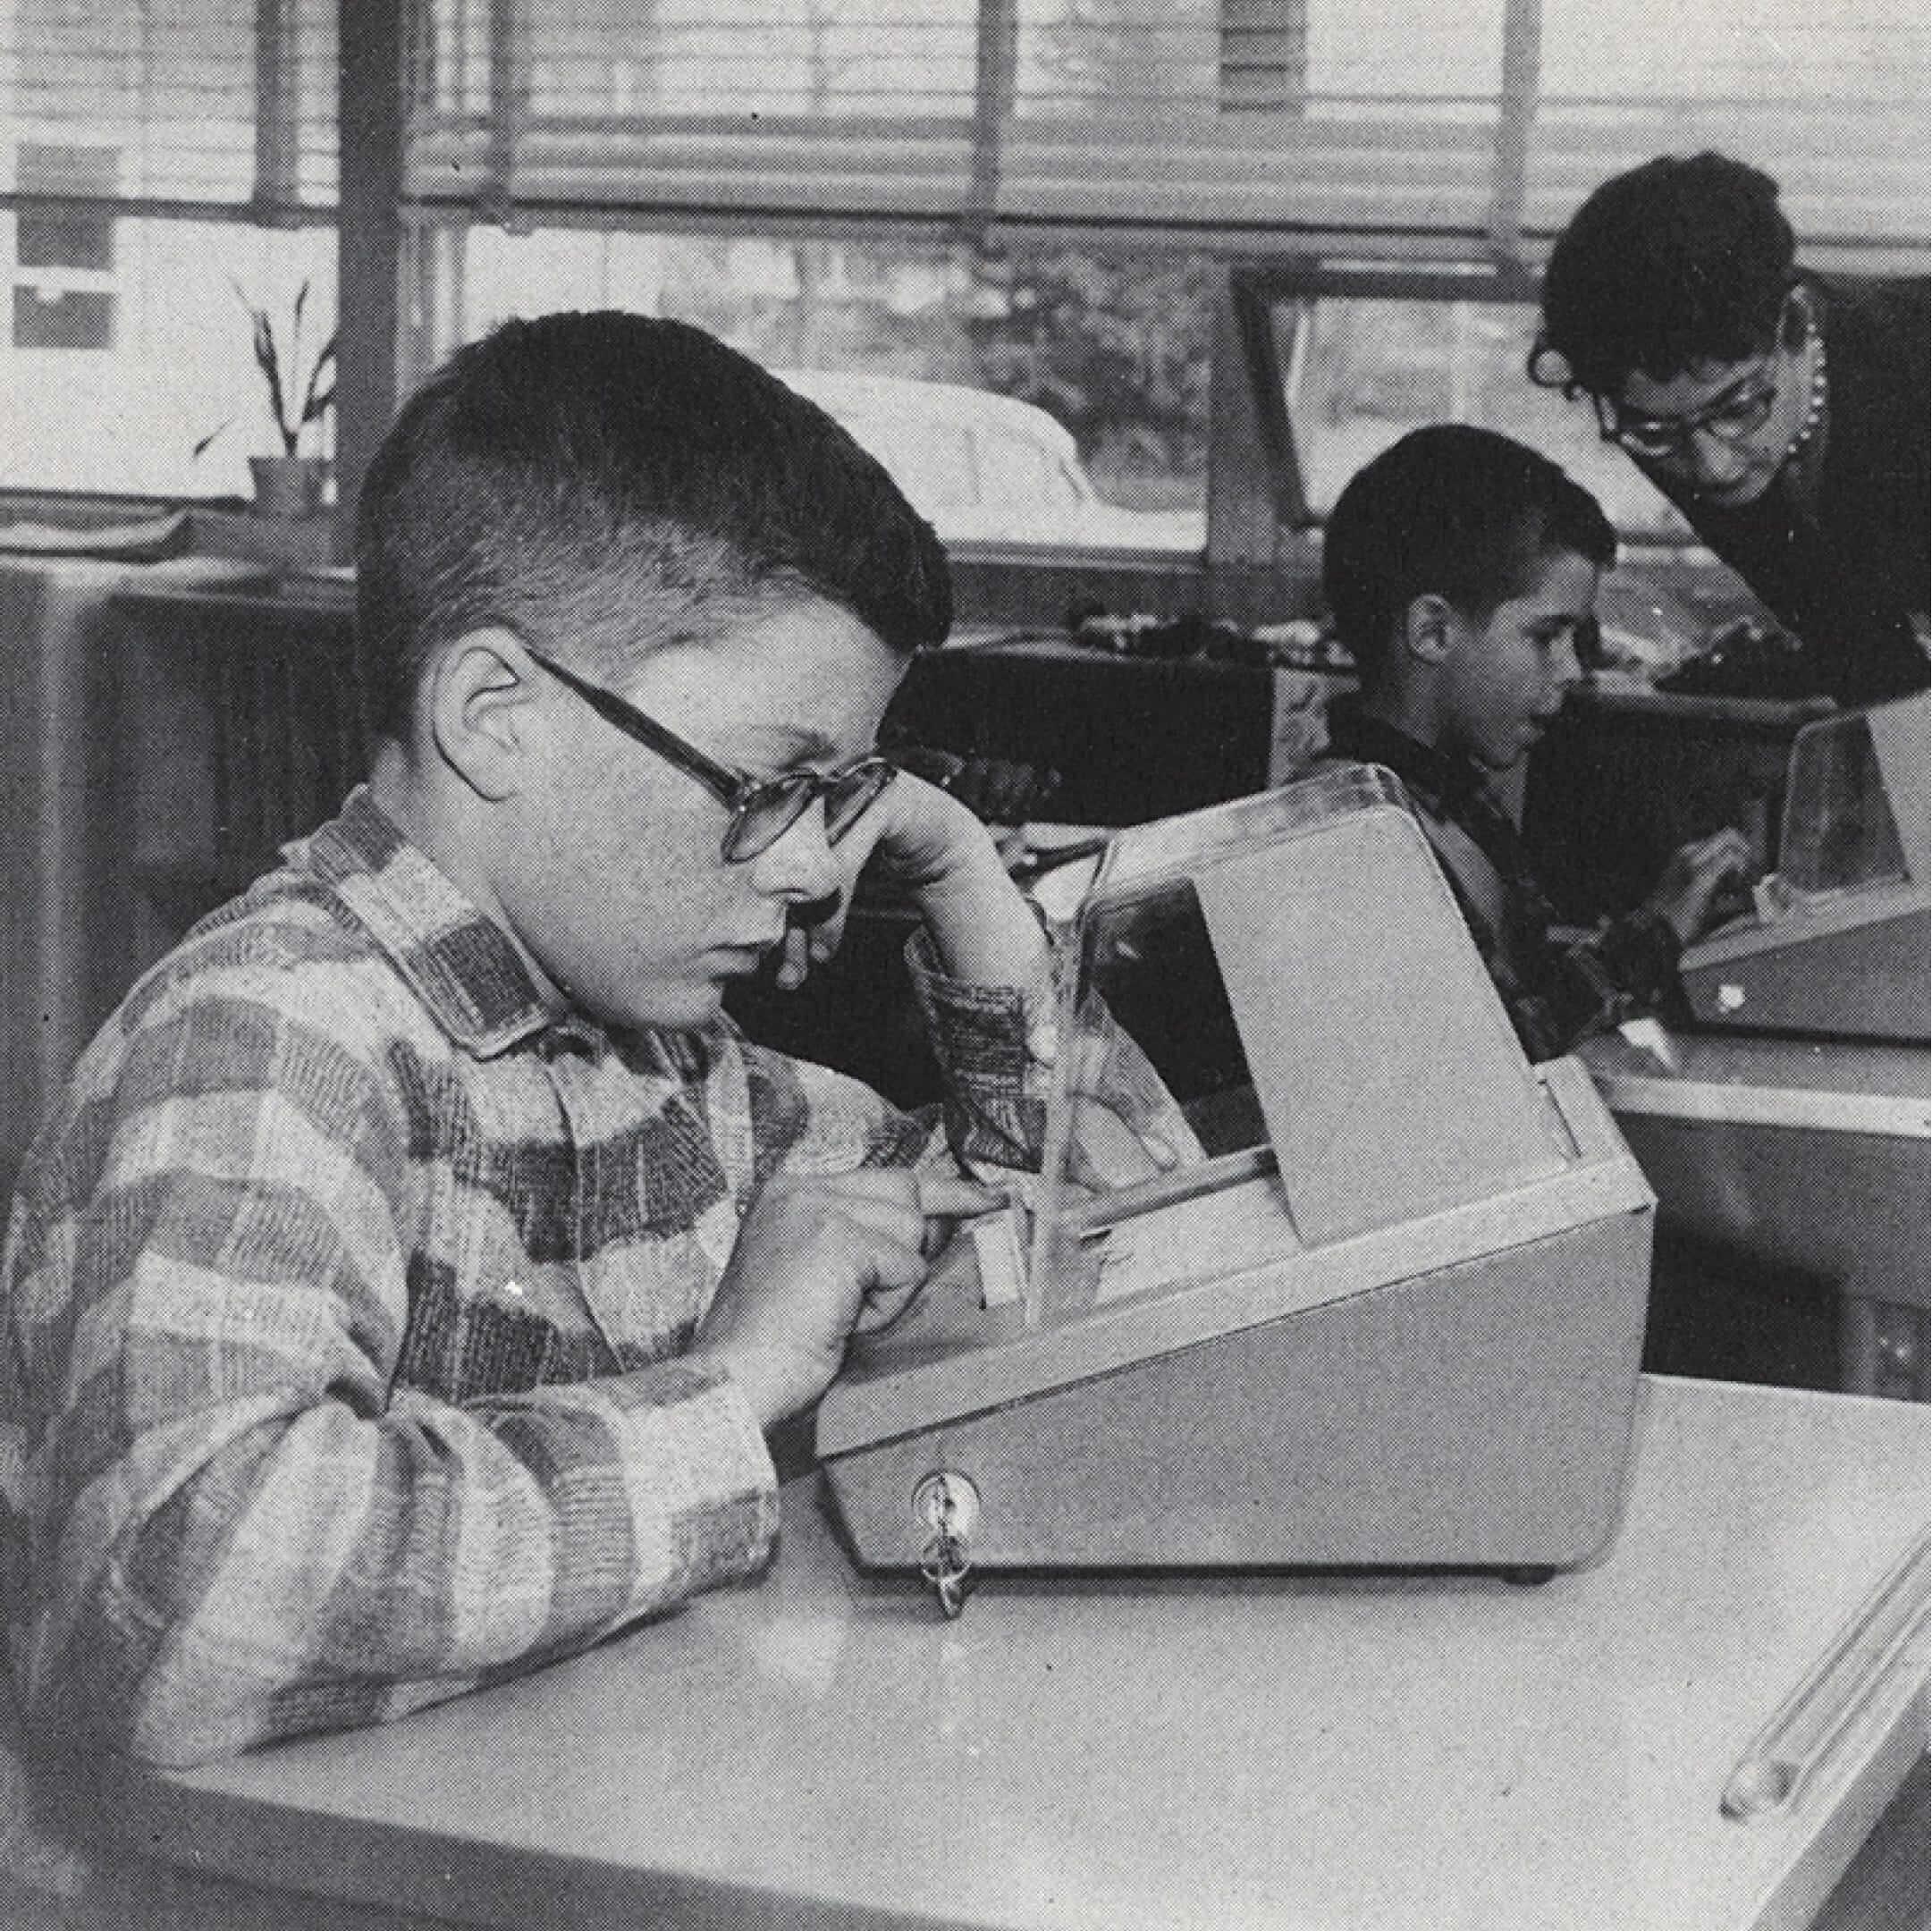 Устройство совстроенными вопросами для проверки знаний американских школьников. Фото изкниги Арнольда Бэрека «Грядущие перемены», 1962. Источник: vintag.es